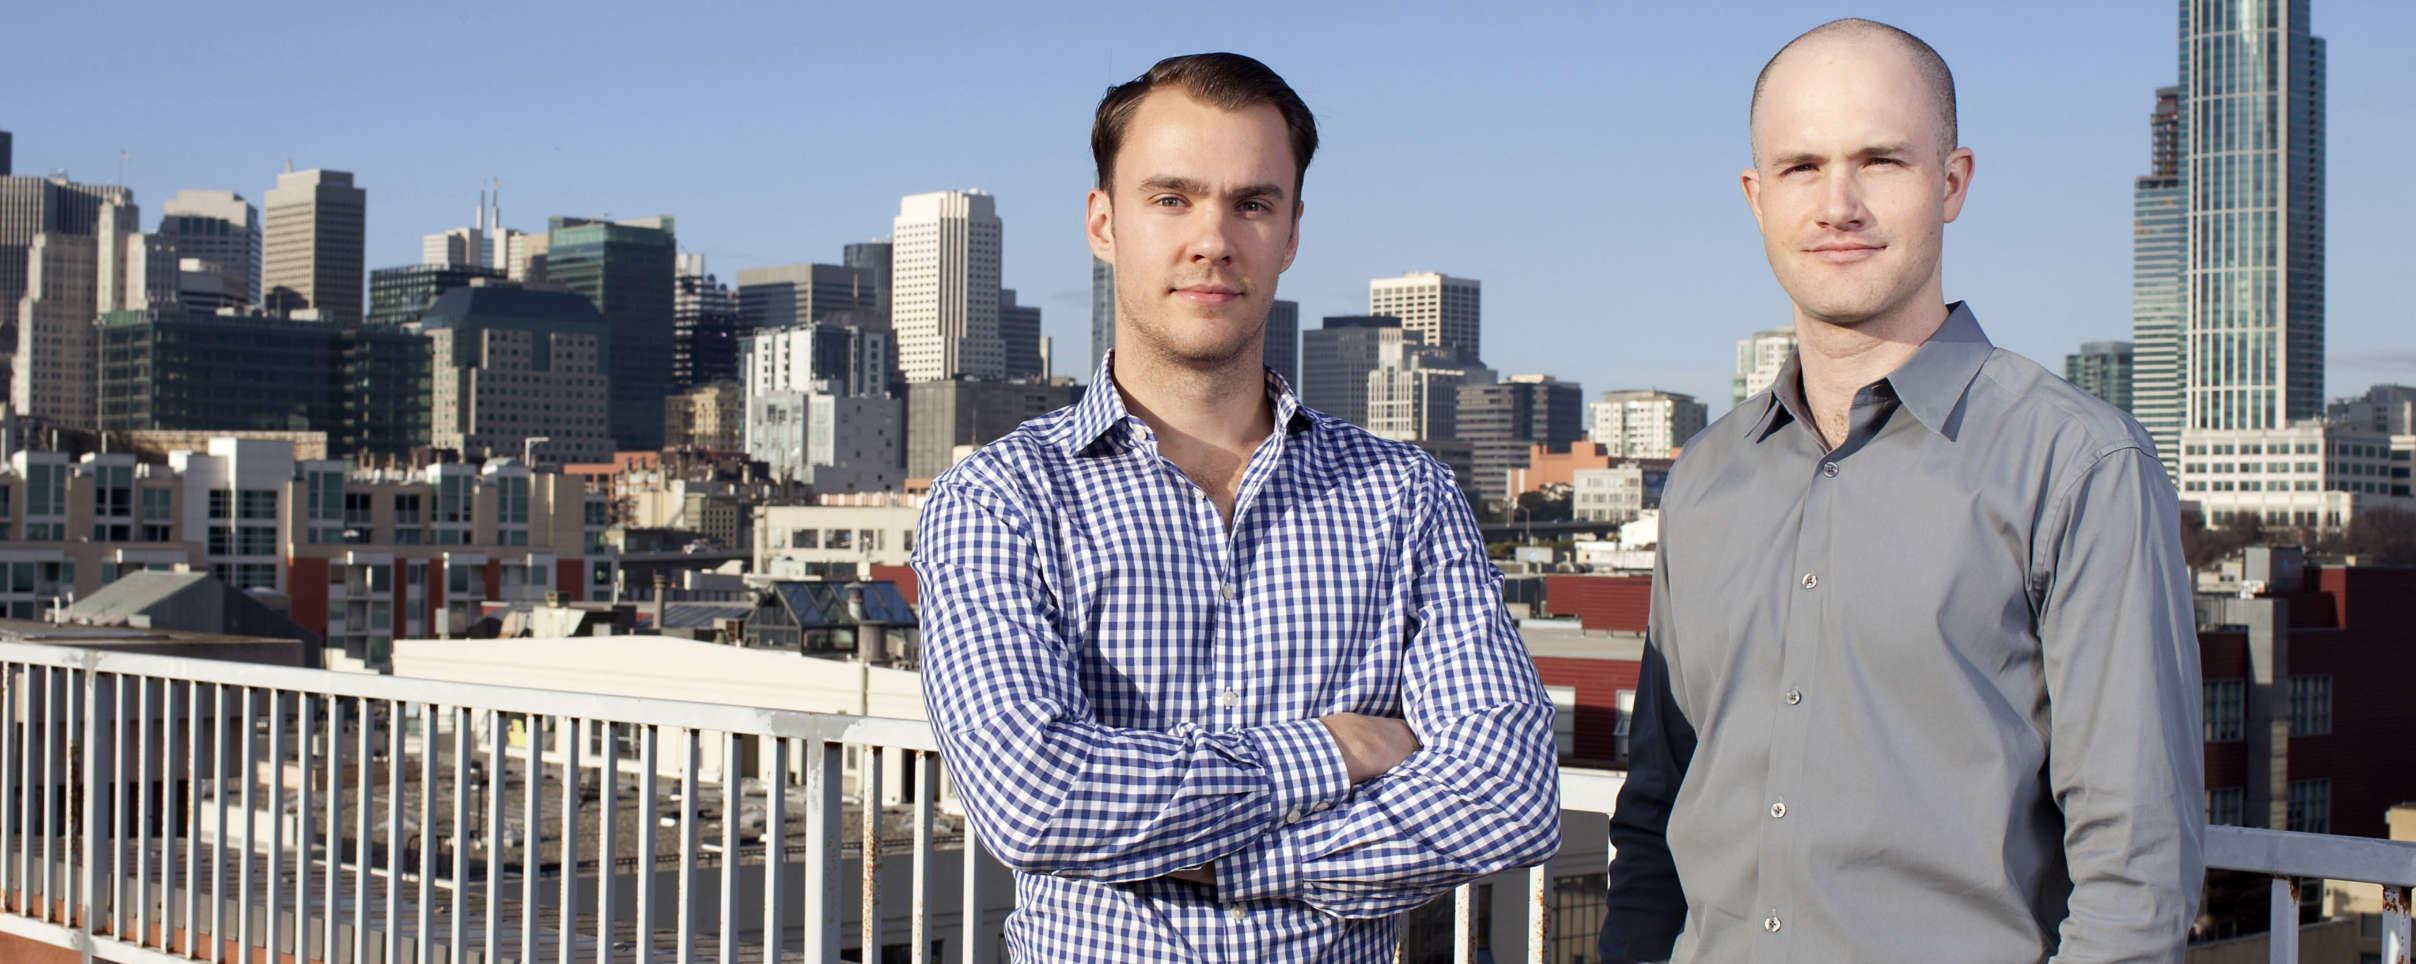 Coinbase se prepara para receber meio bilhão de dólares com valuation de 8 bi